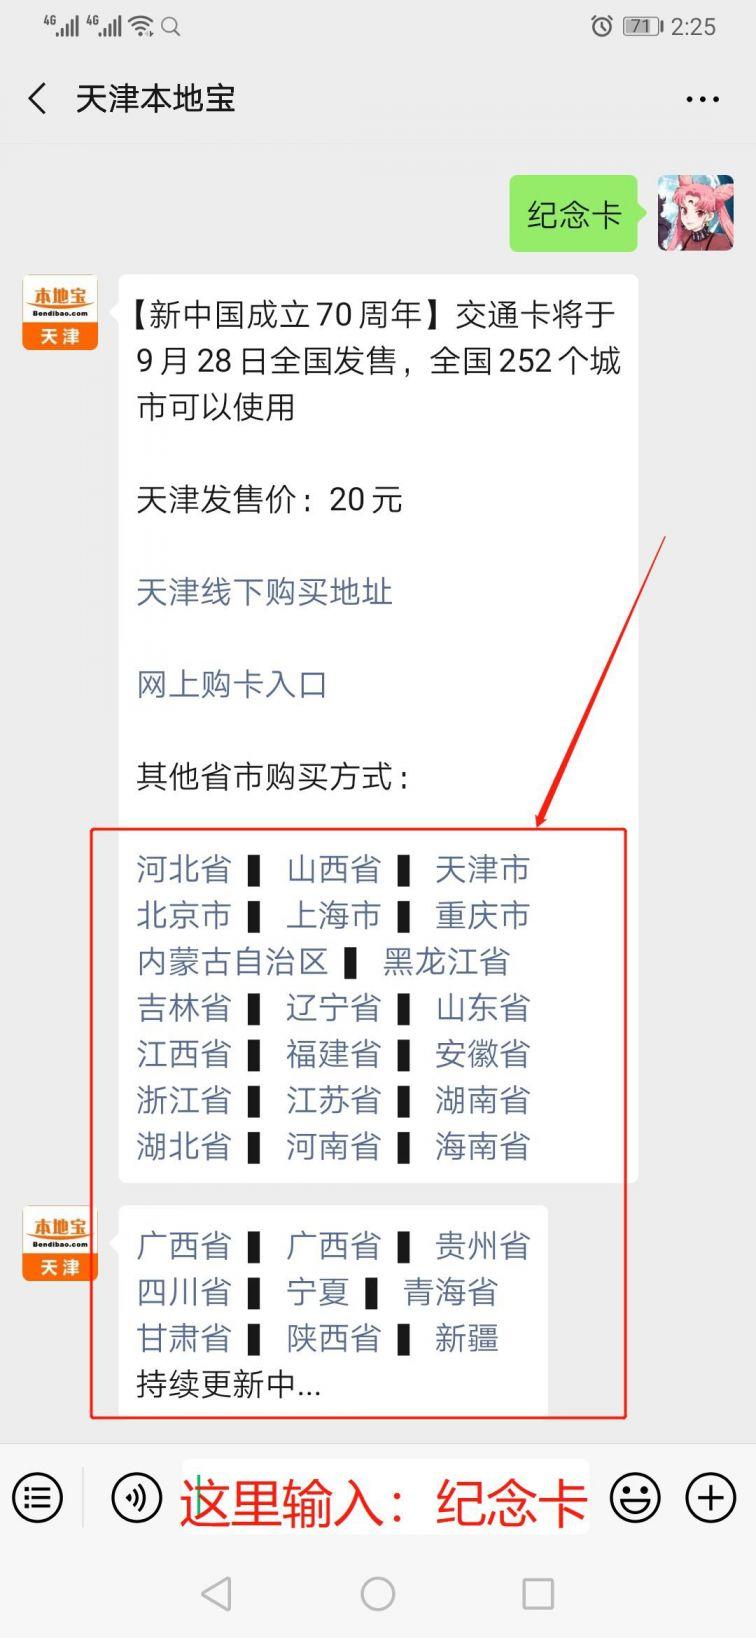 新中国成立70周年交通一卡通天津购买地址